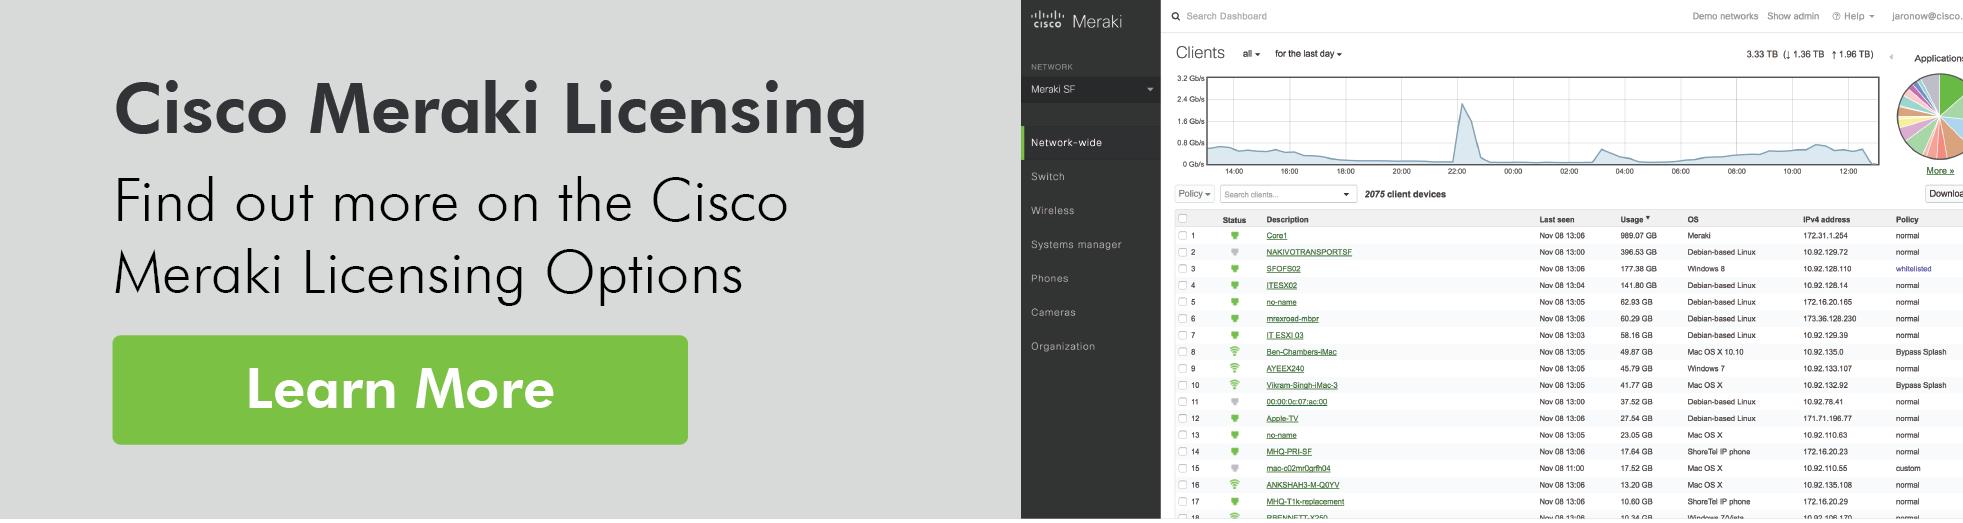 Cisco Meraki Licensing